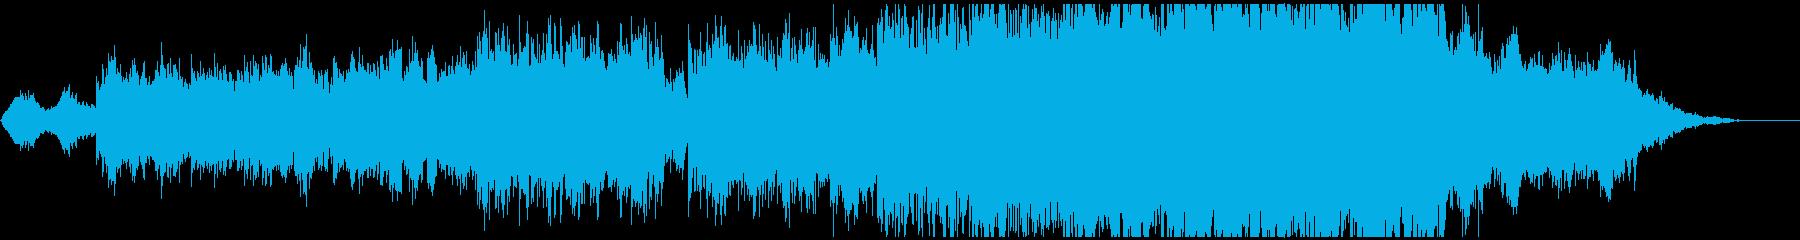 温かく感動的な映像、CMにの再生済みの波形